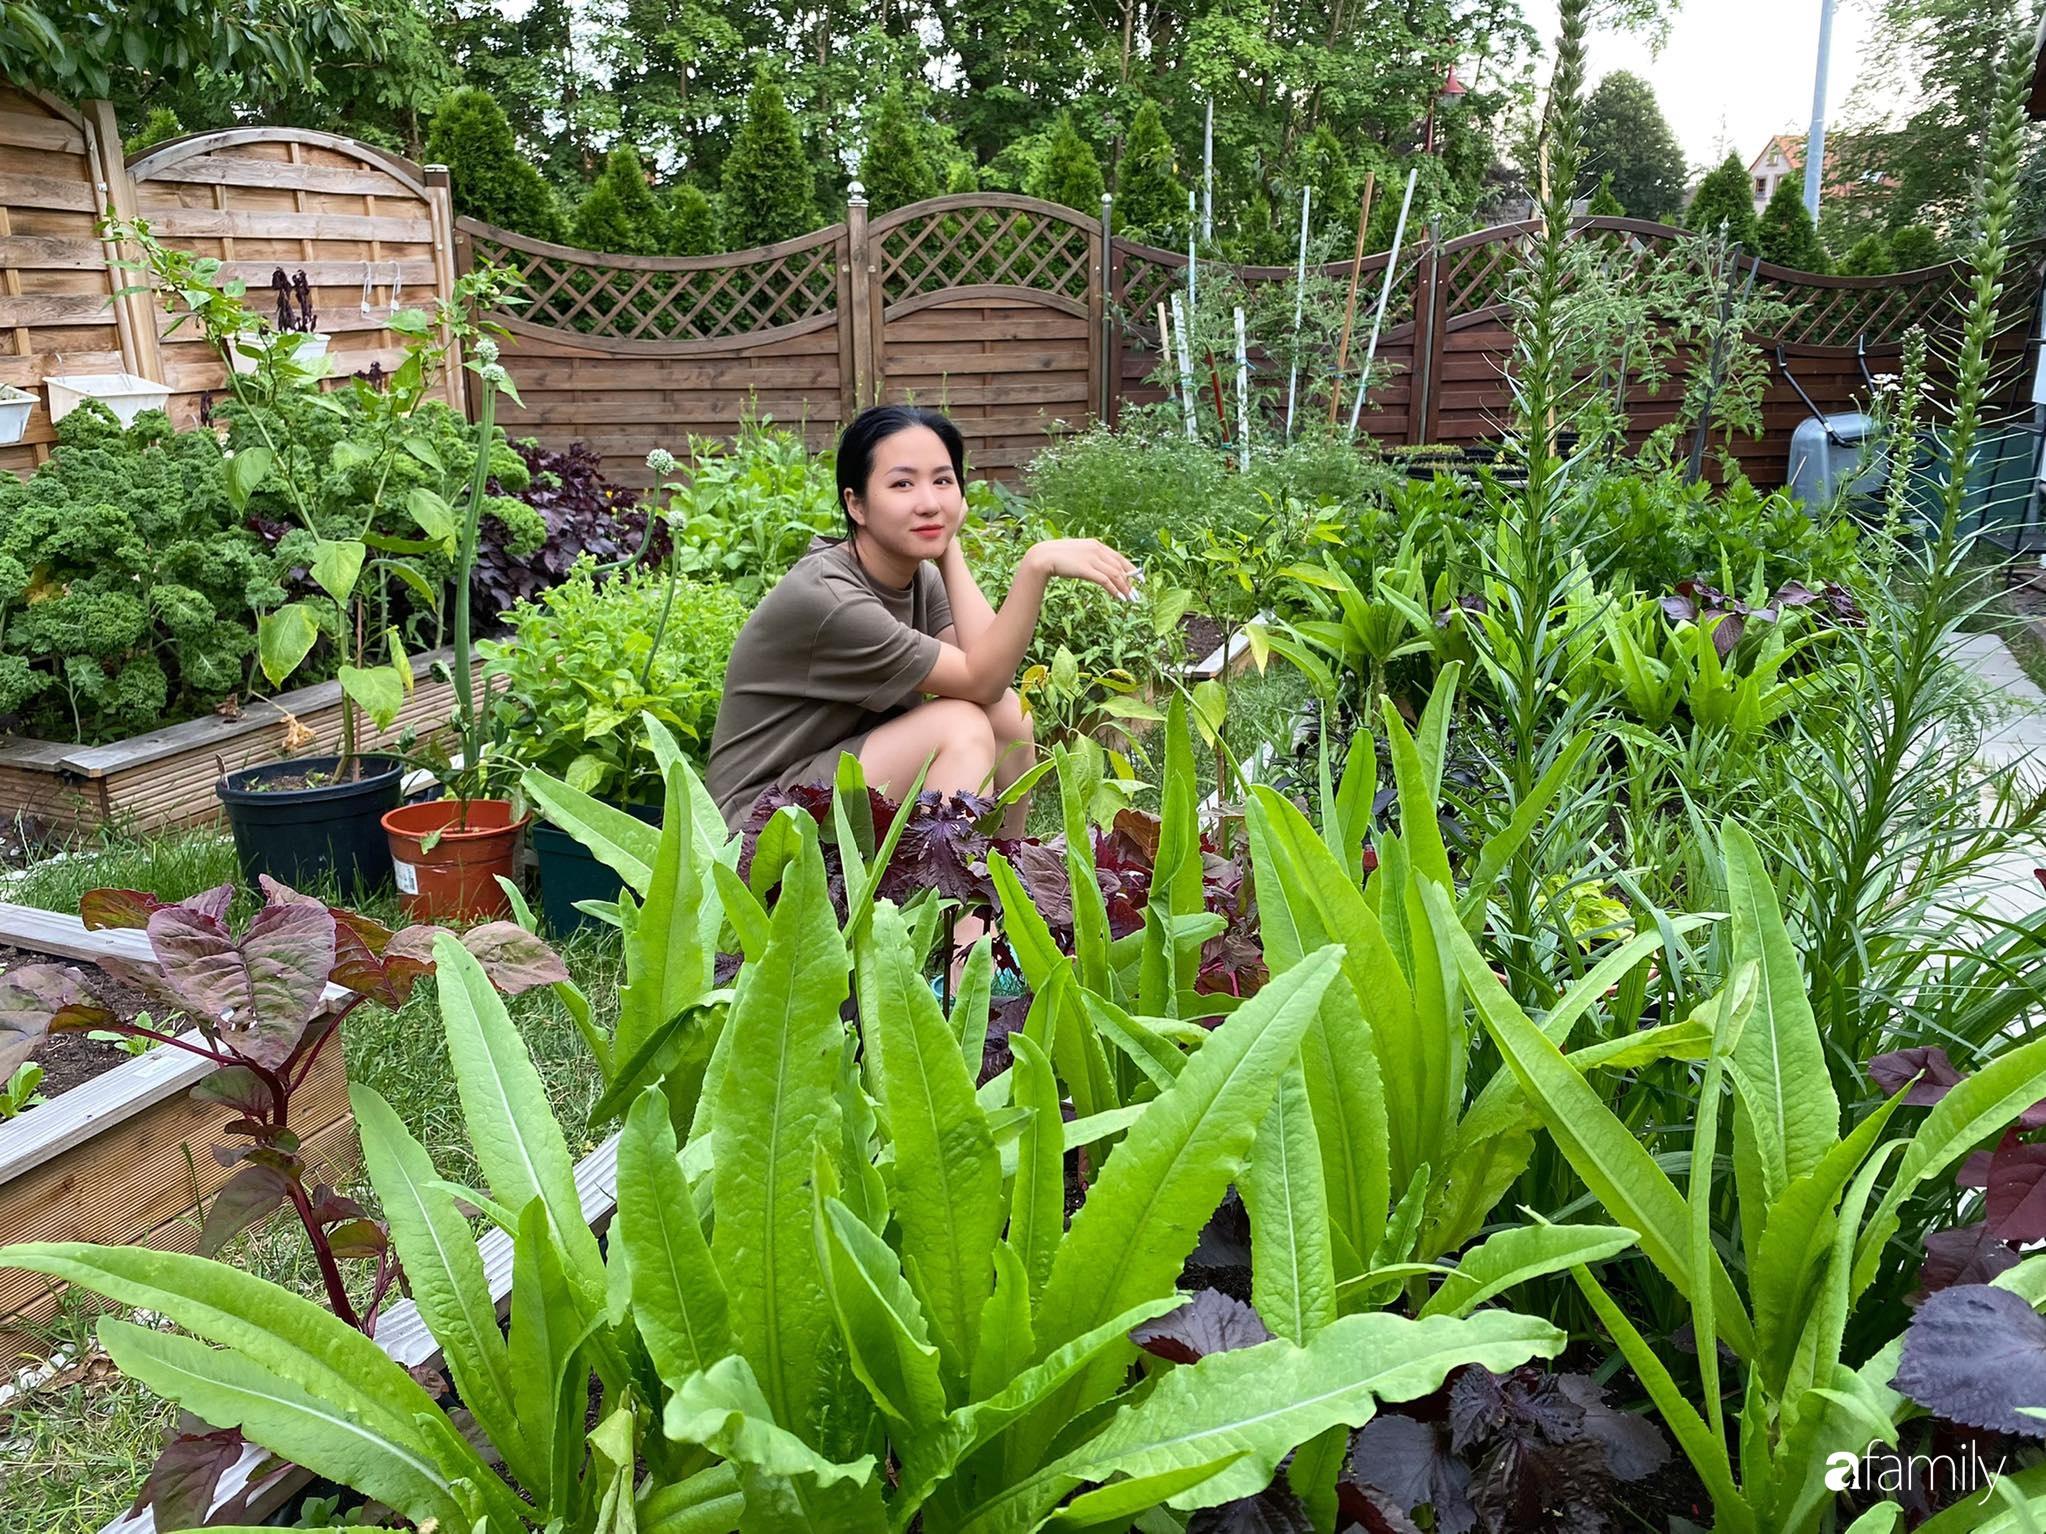 Khu vườn 300m² giữa đô thị náo nhiệt vẫn an yên, thư thái nhờ mẹ Việt trồng cây và hoa tốt tươi - Ảnh 2.